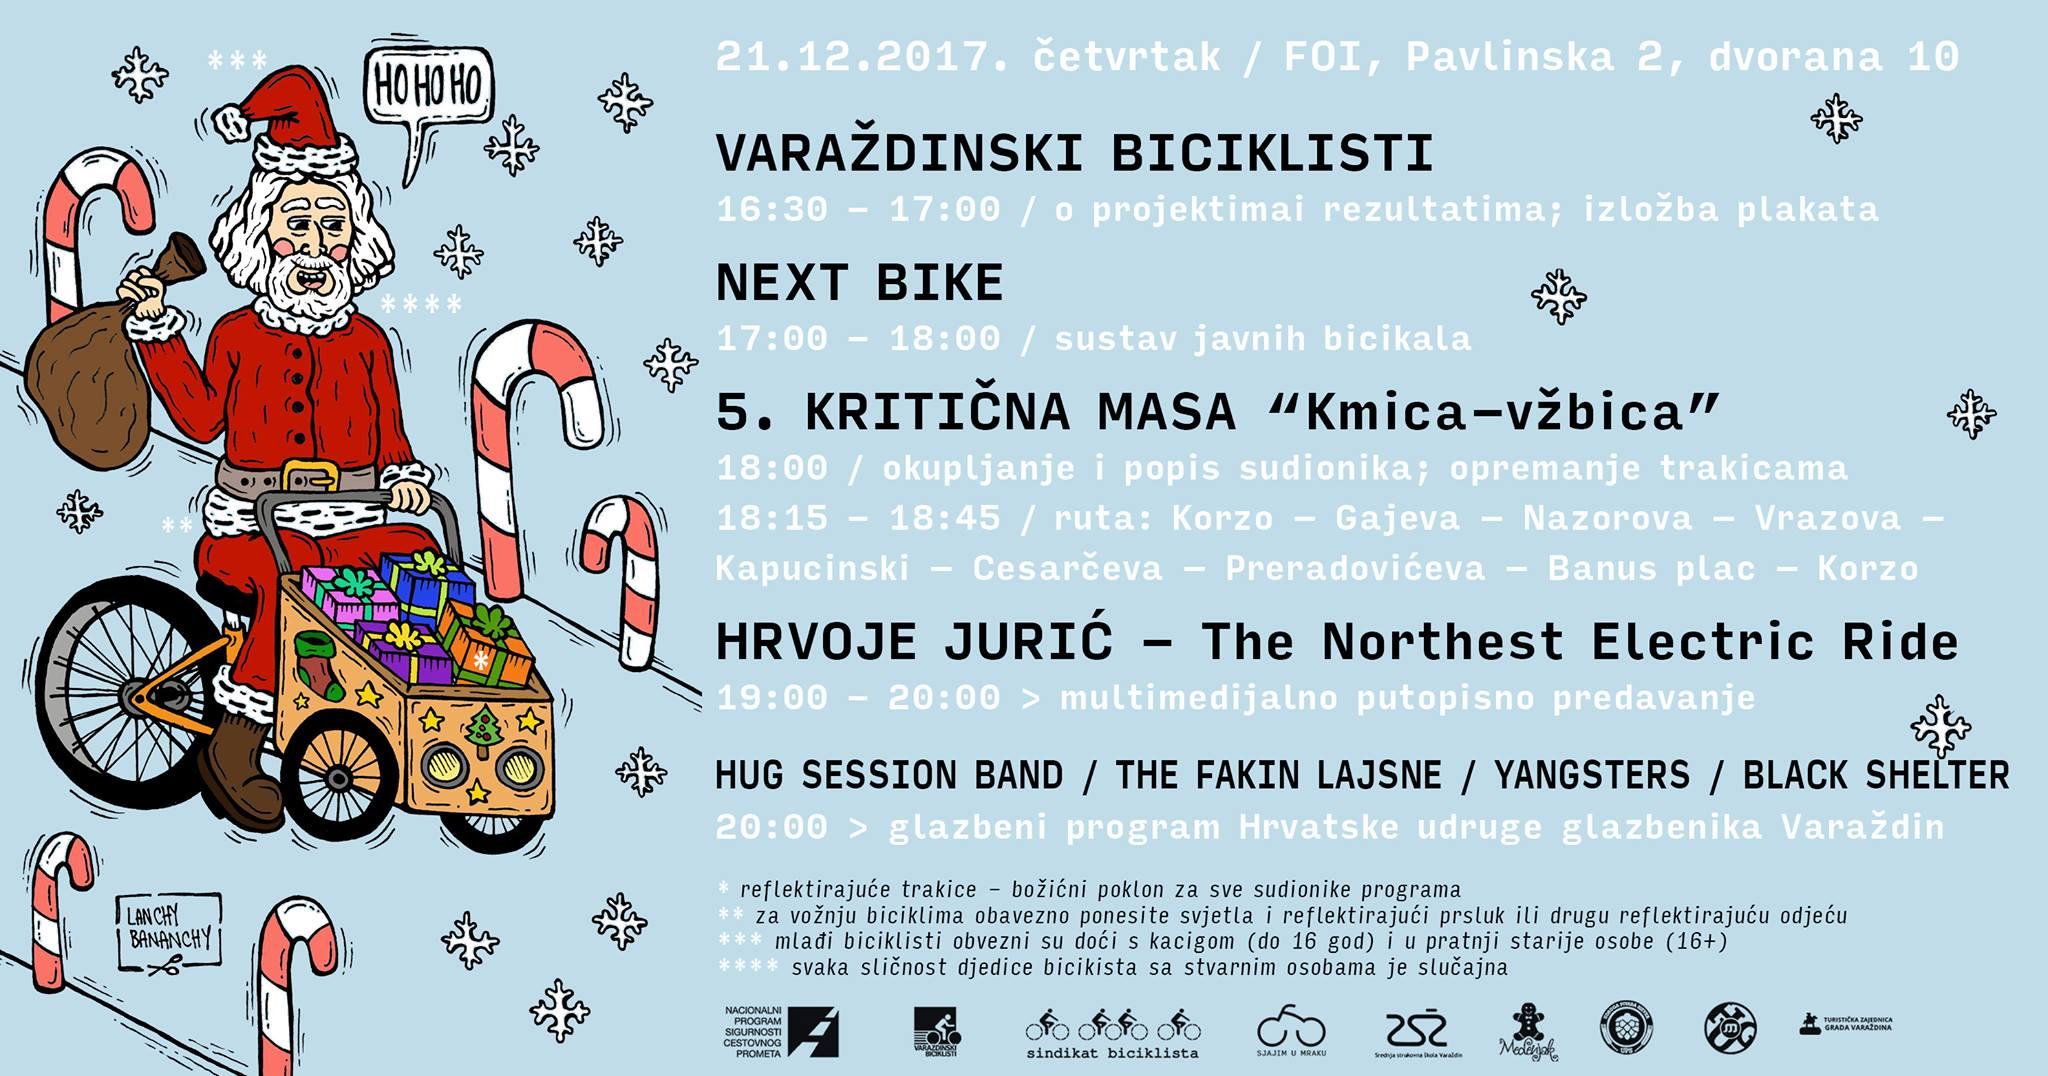 Plakat Varaždinski biciklisti Zimski solsticij